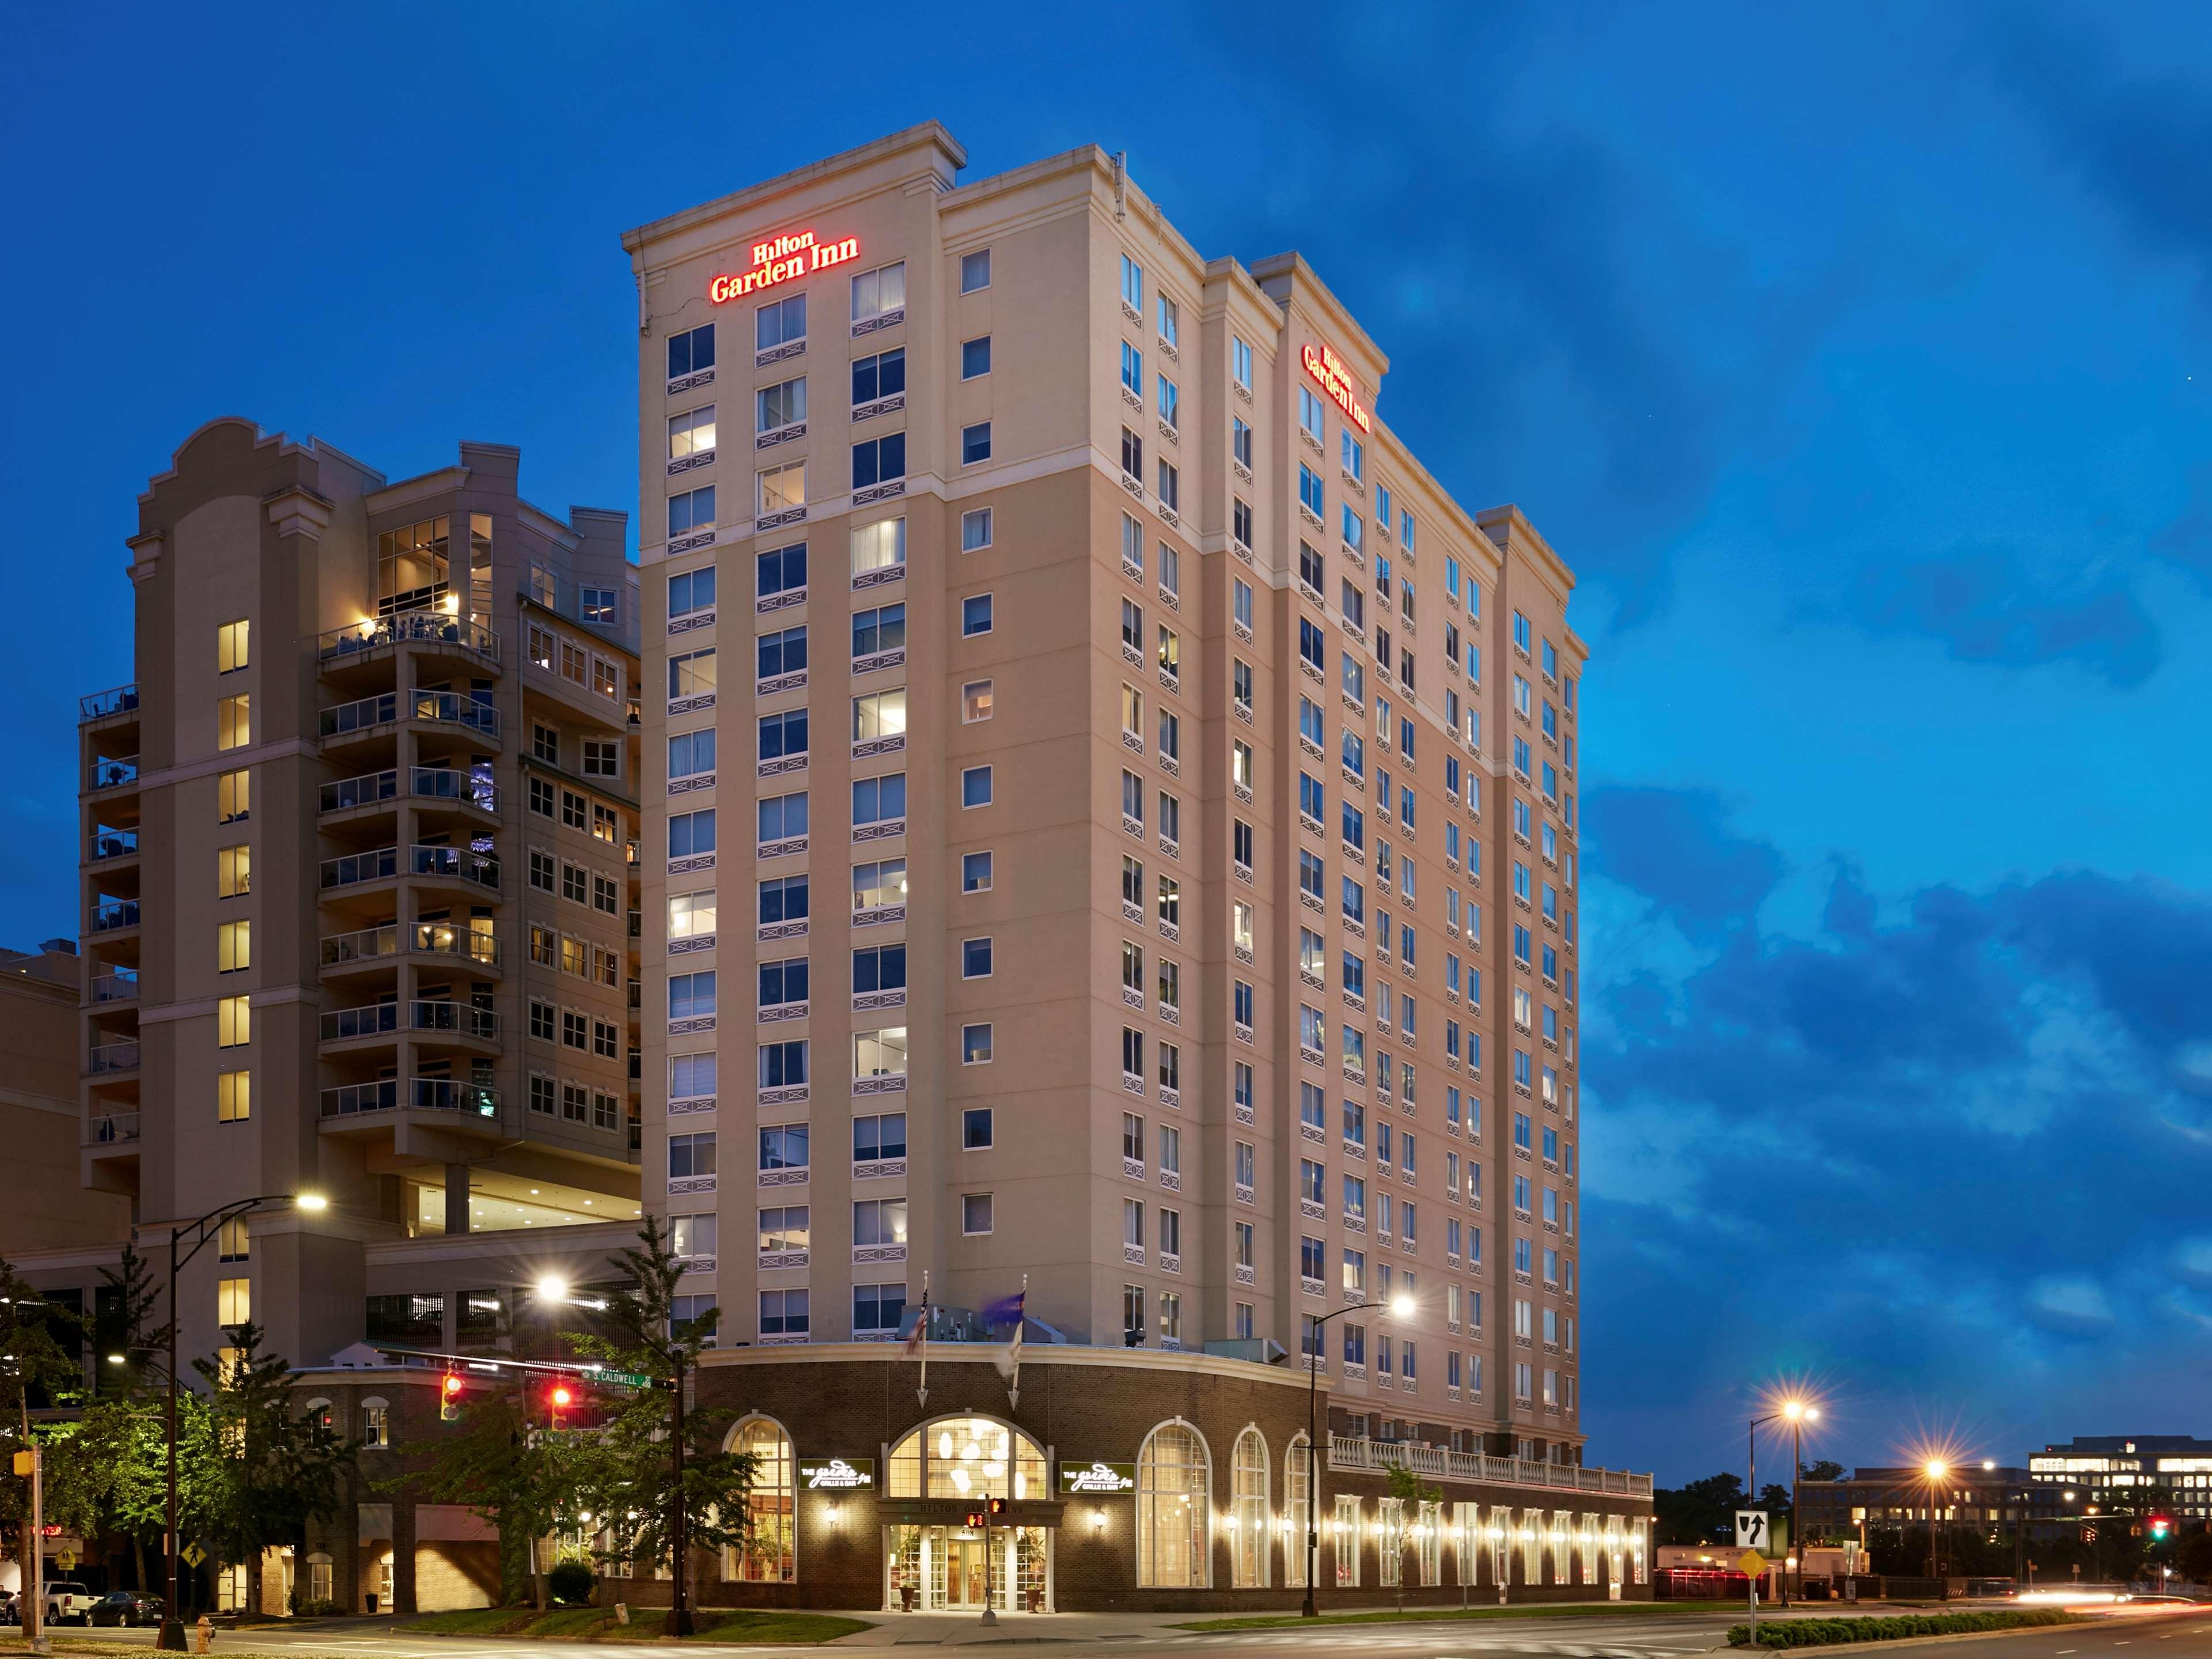 Hilton Garden Inn Charlotte Uptown image 0